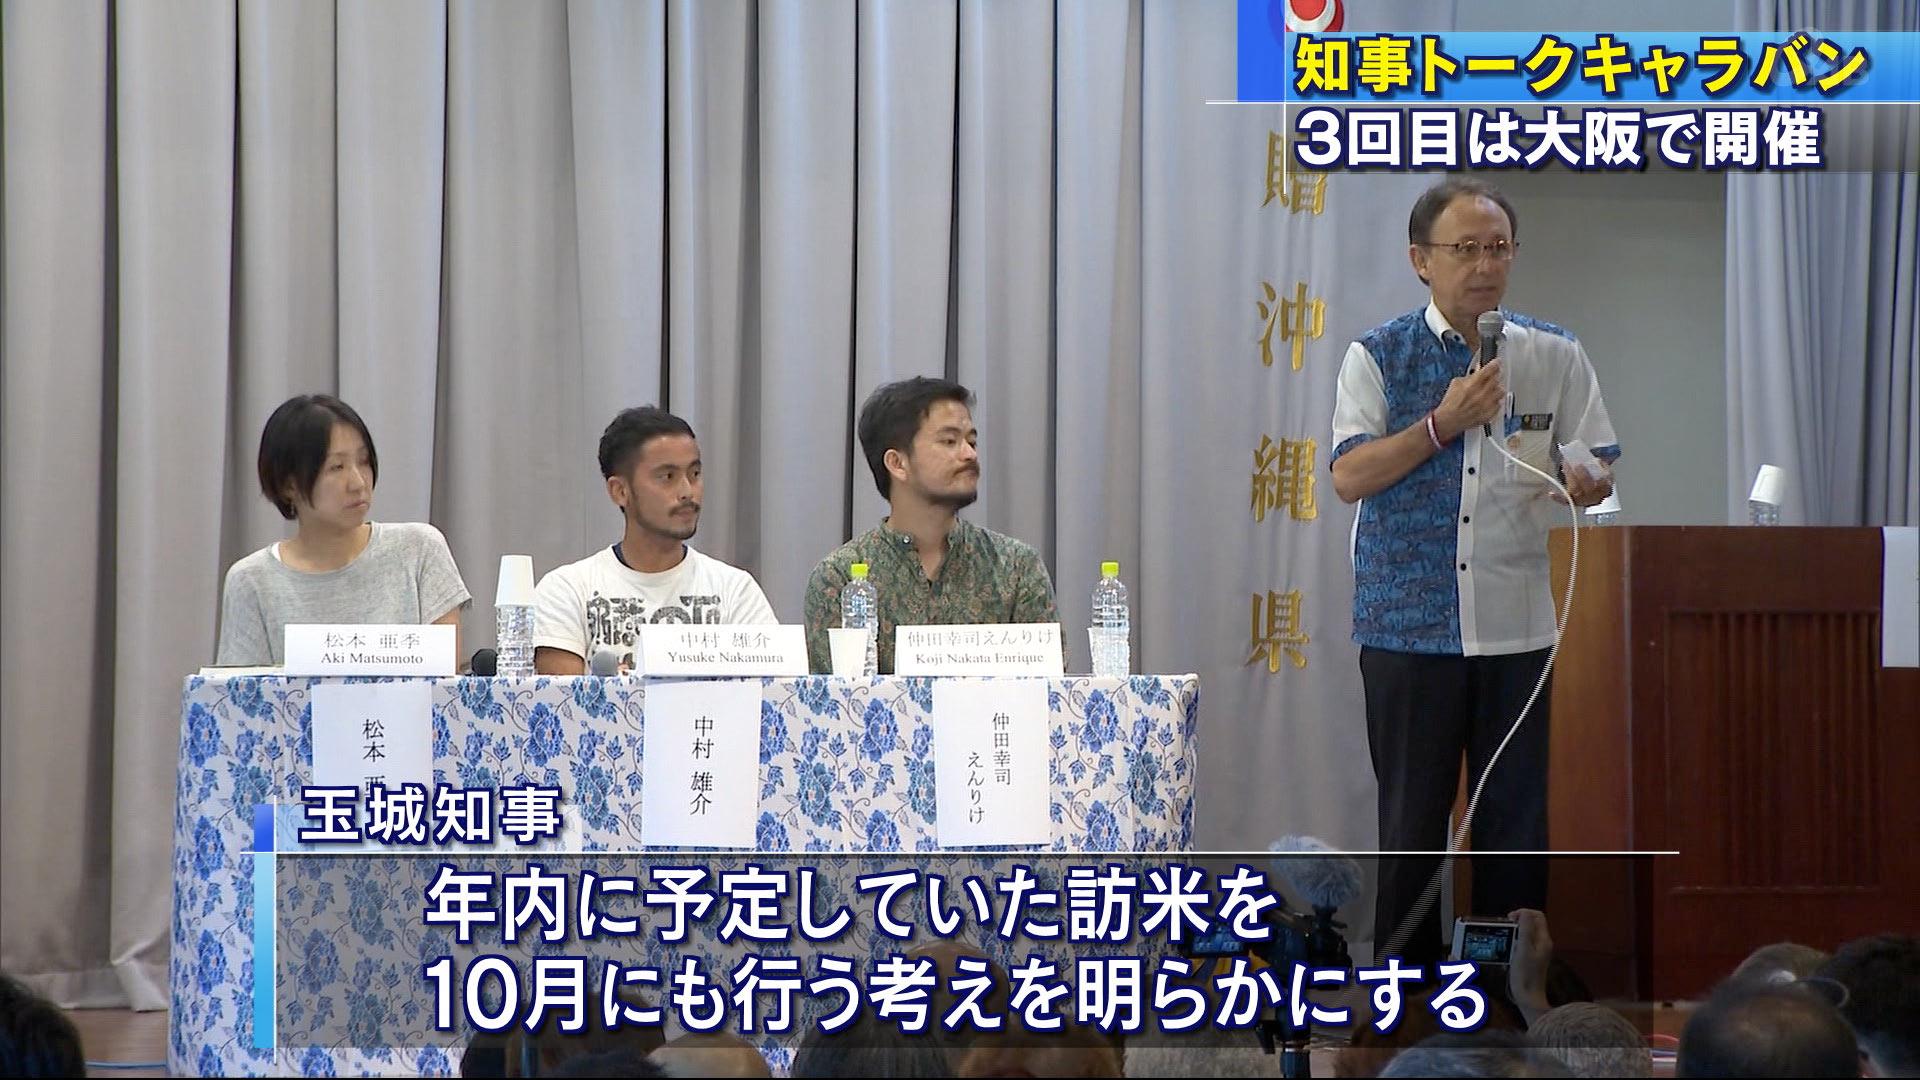 玉城知事 大阪で辺野古問題を訴えるキャラバン